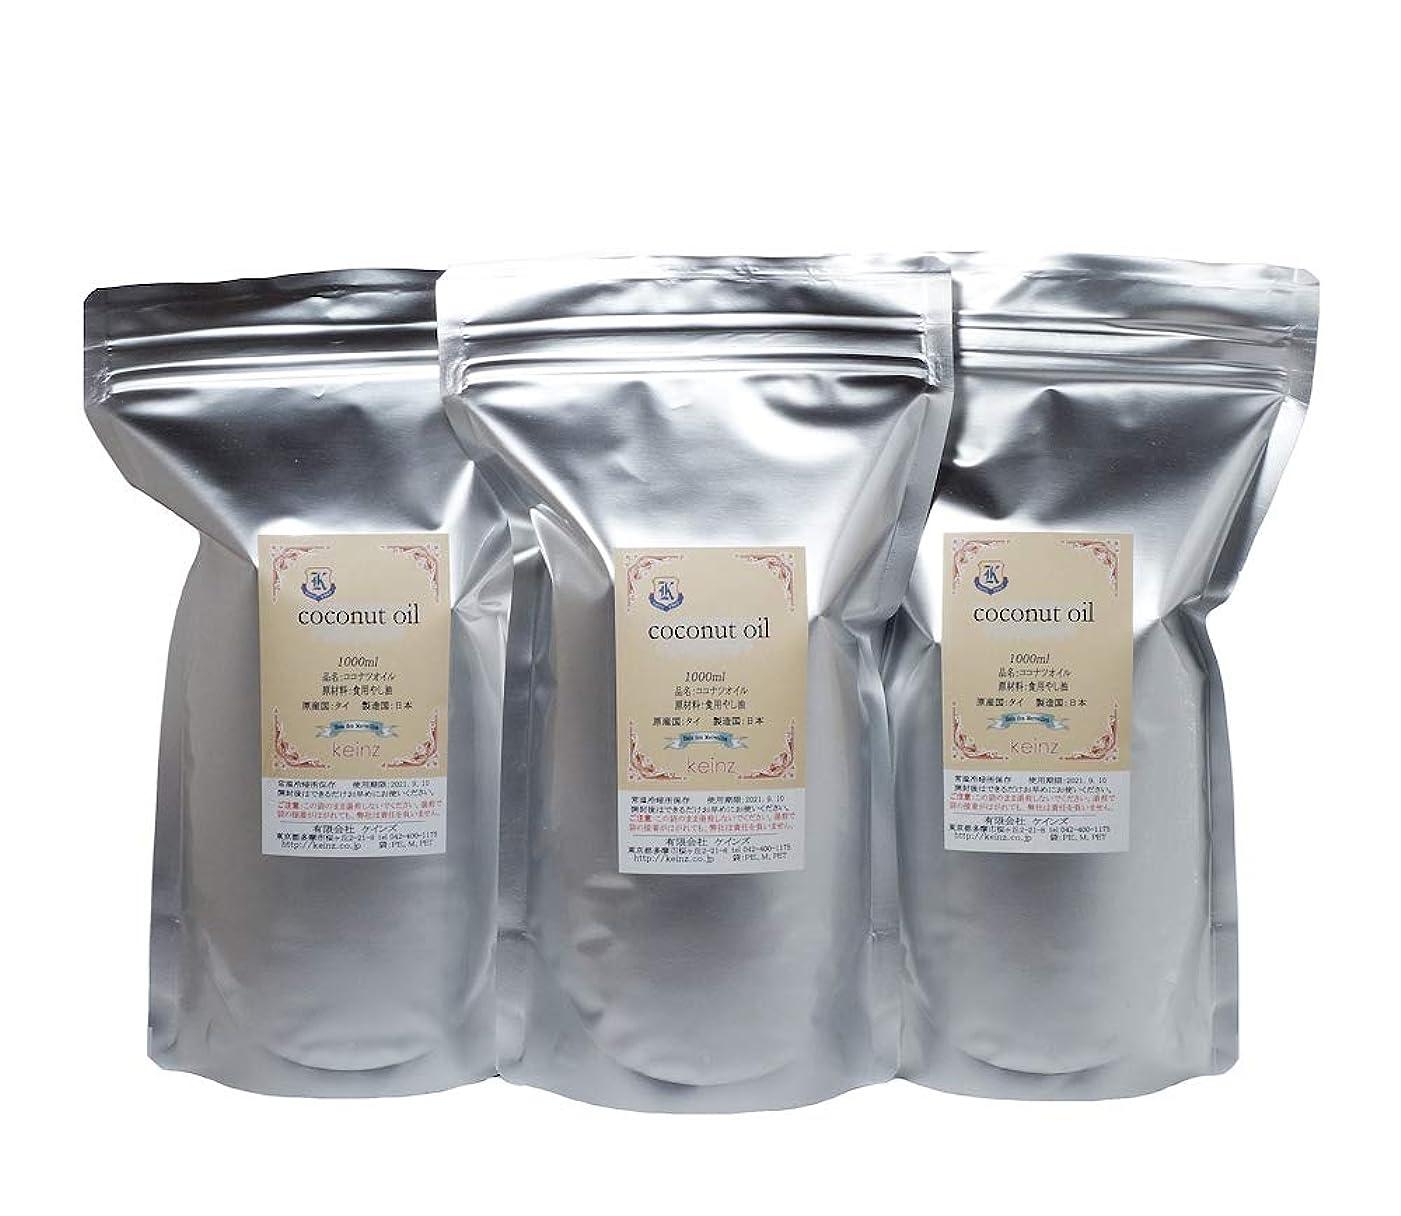 慢なのり薬手作り石けん用 良質新鮮 ココナツオイル(ヤシ油) 1L ?3個セット 袋をナイフでカットして固形オイルを簡単に取り出せます。 鹸化価:258 原産国:フィリピン 日本製